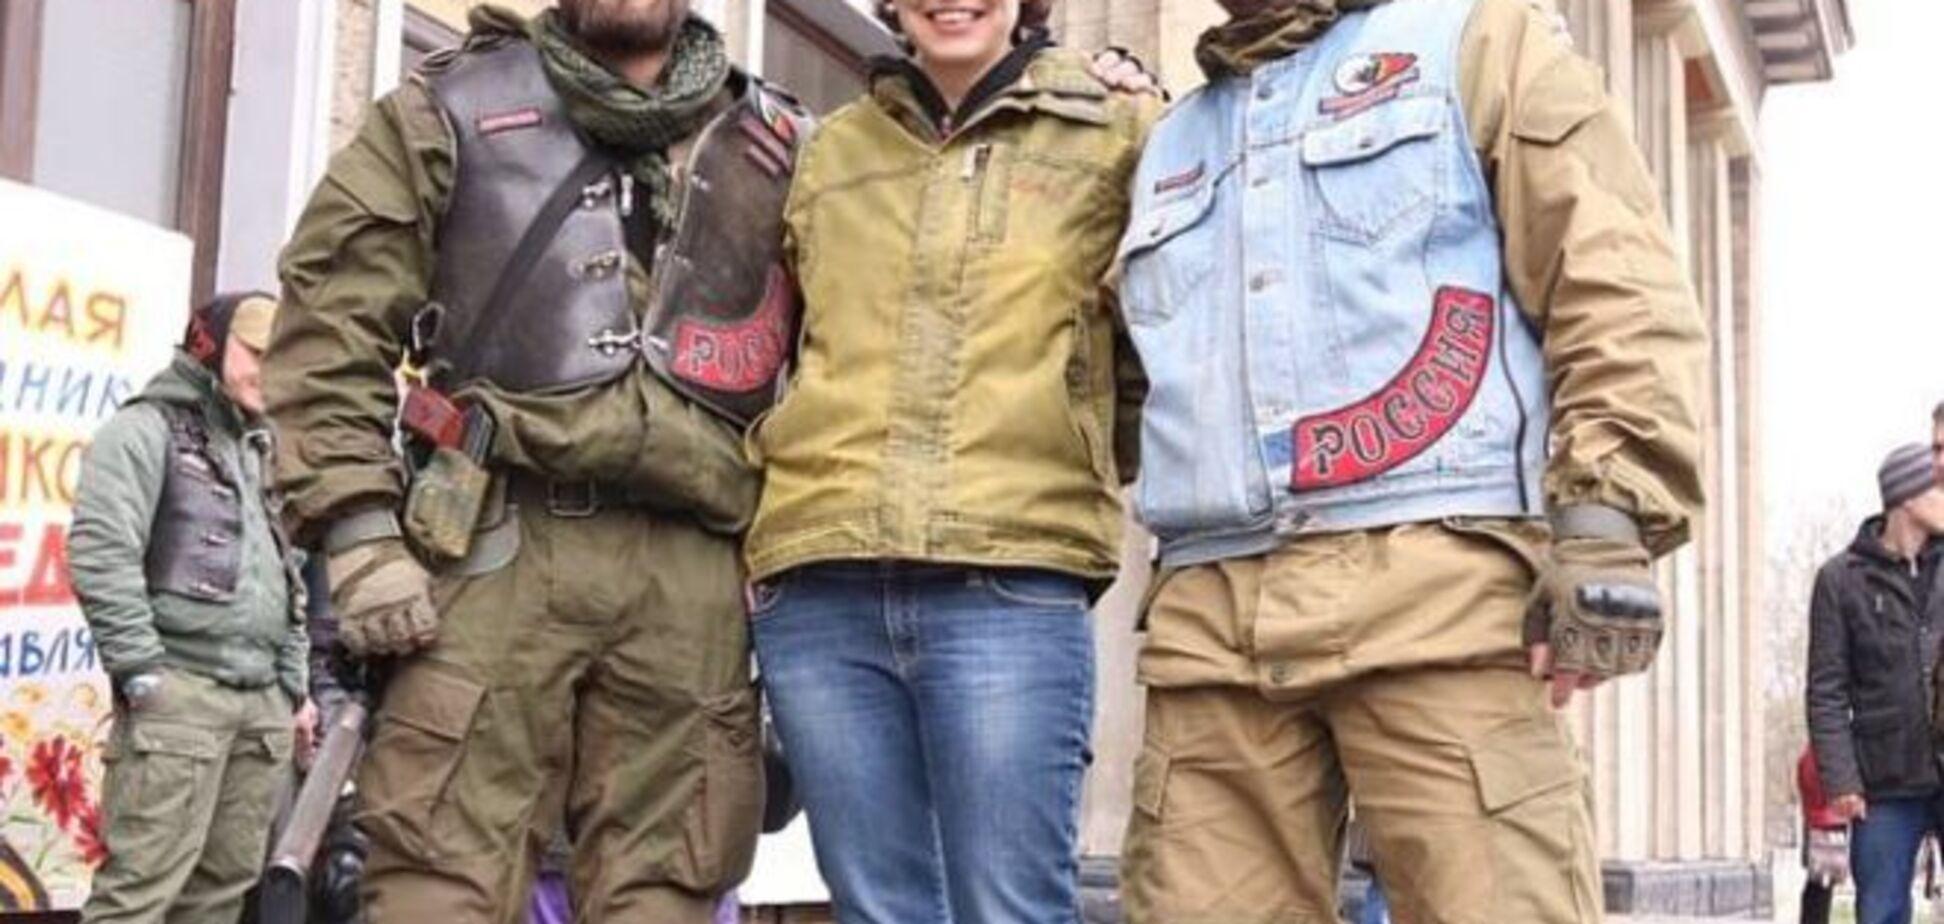 Вітром голову надуло? Чичеріна влаштувала фотосесію з терористами 'ЛНР'